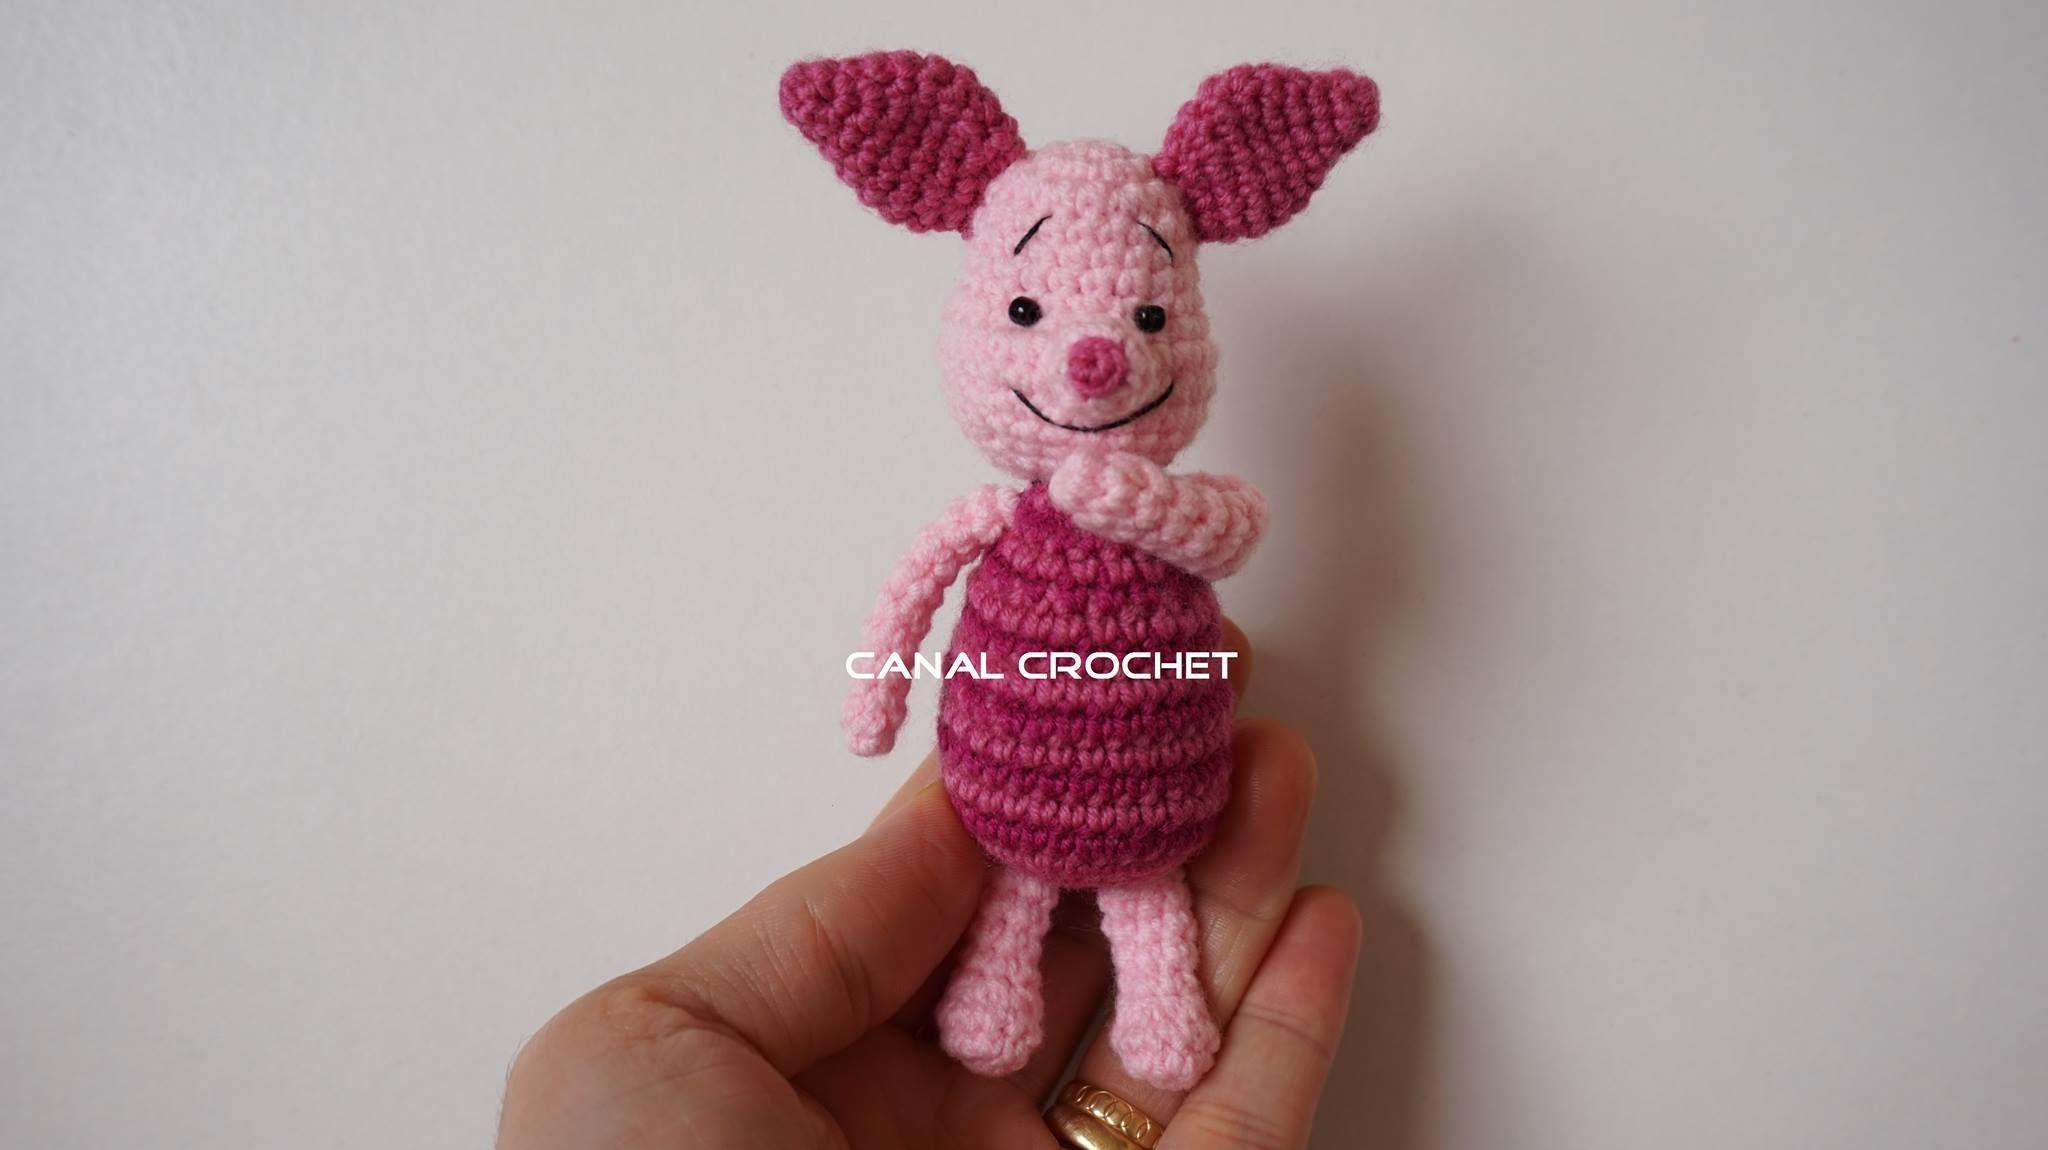 Amigurumilacion : Https: www.facebook.com canal crochet 1166416096719575 patrón